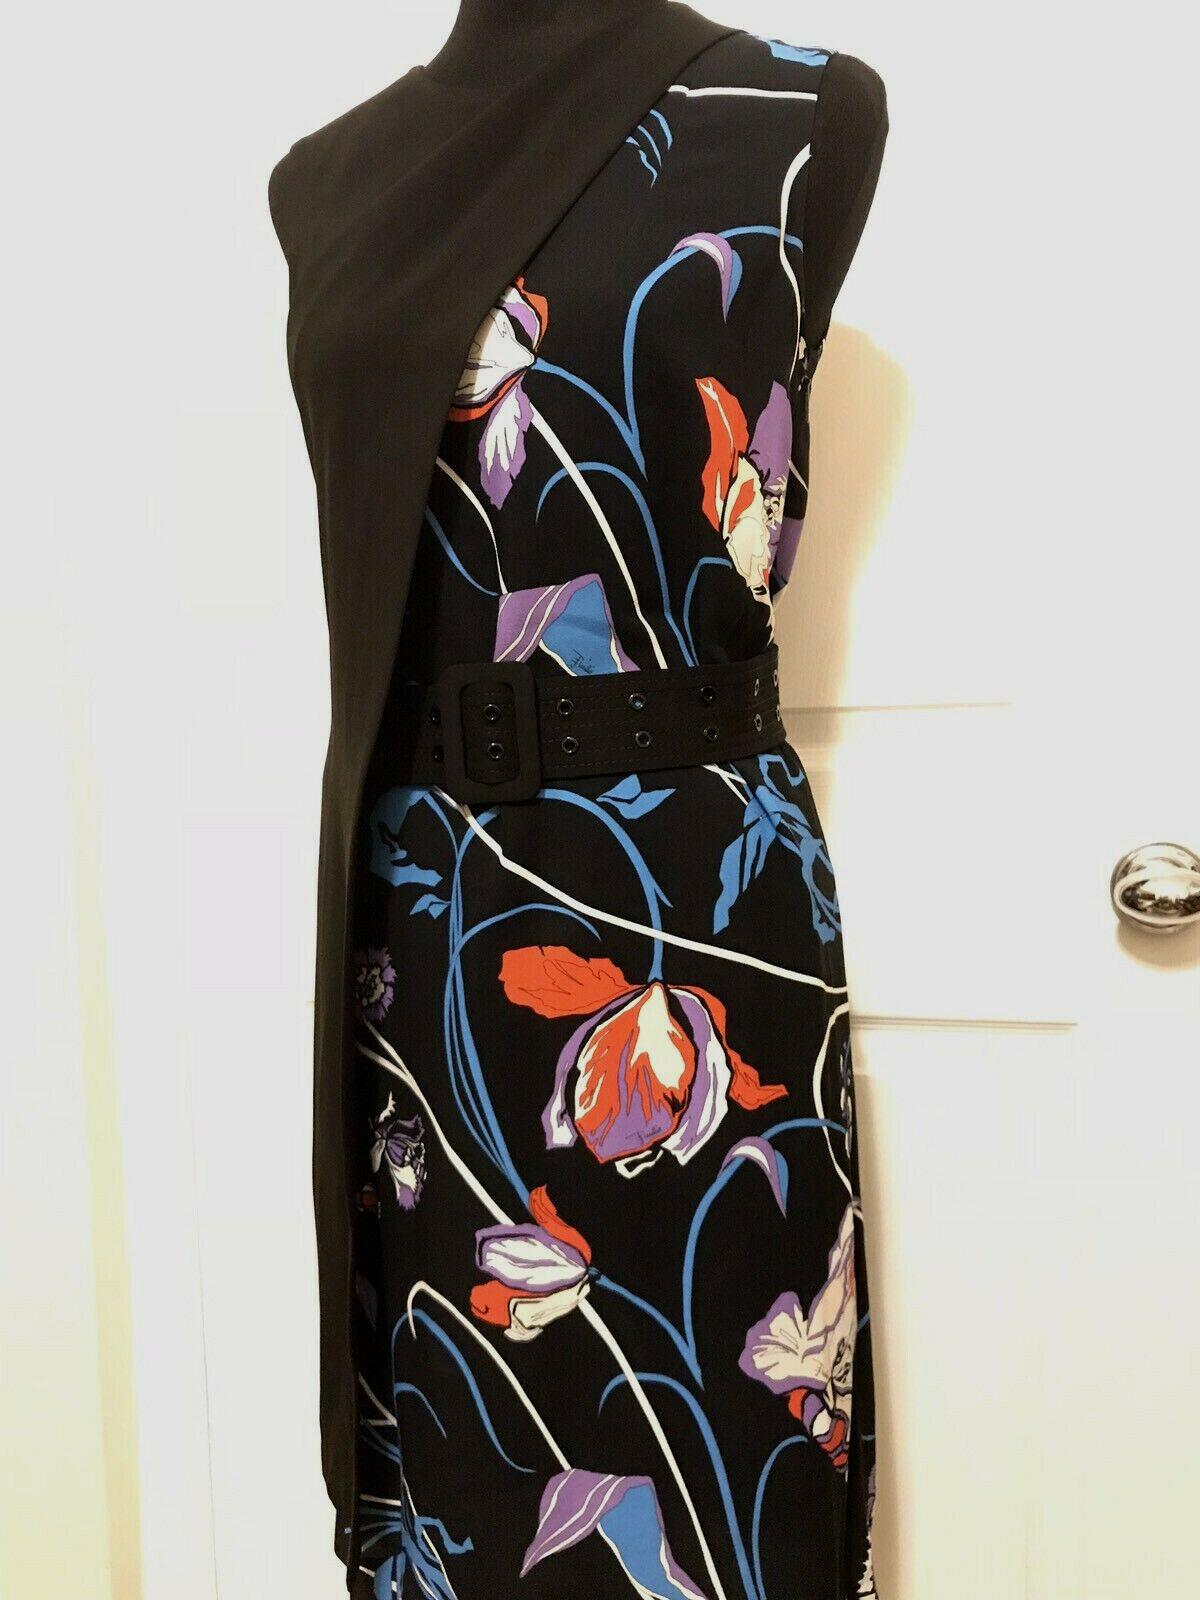 EMILIO PUCCI Floral Print con  paneles Crepe Vestido Con Cinturón <> tamaño 40 Nuevo  entrega rápida